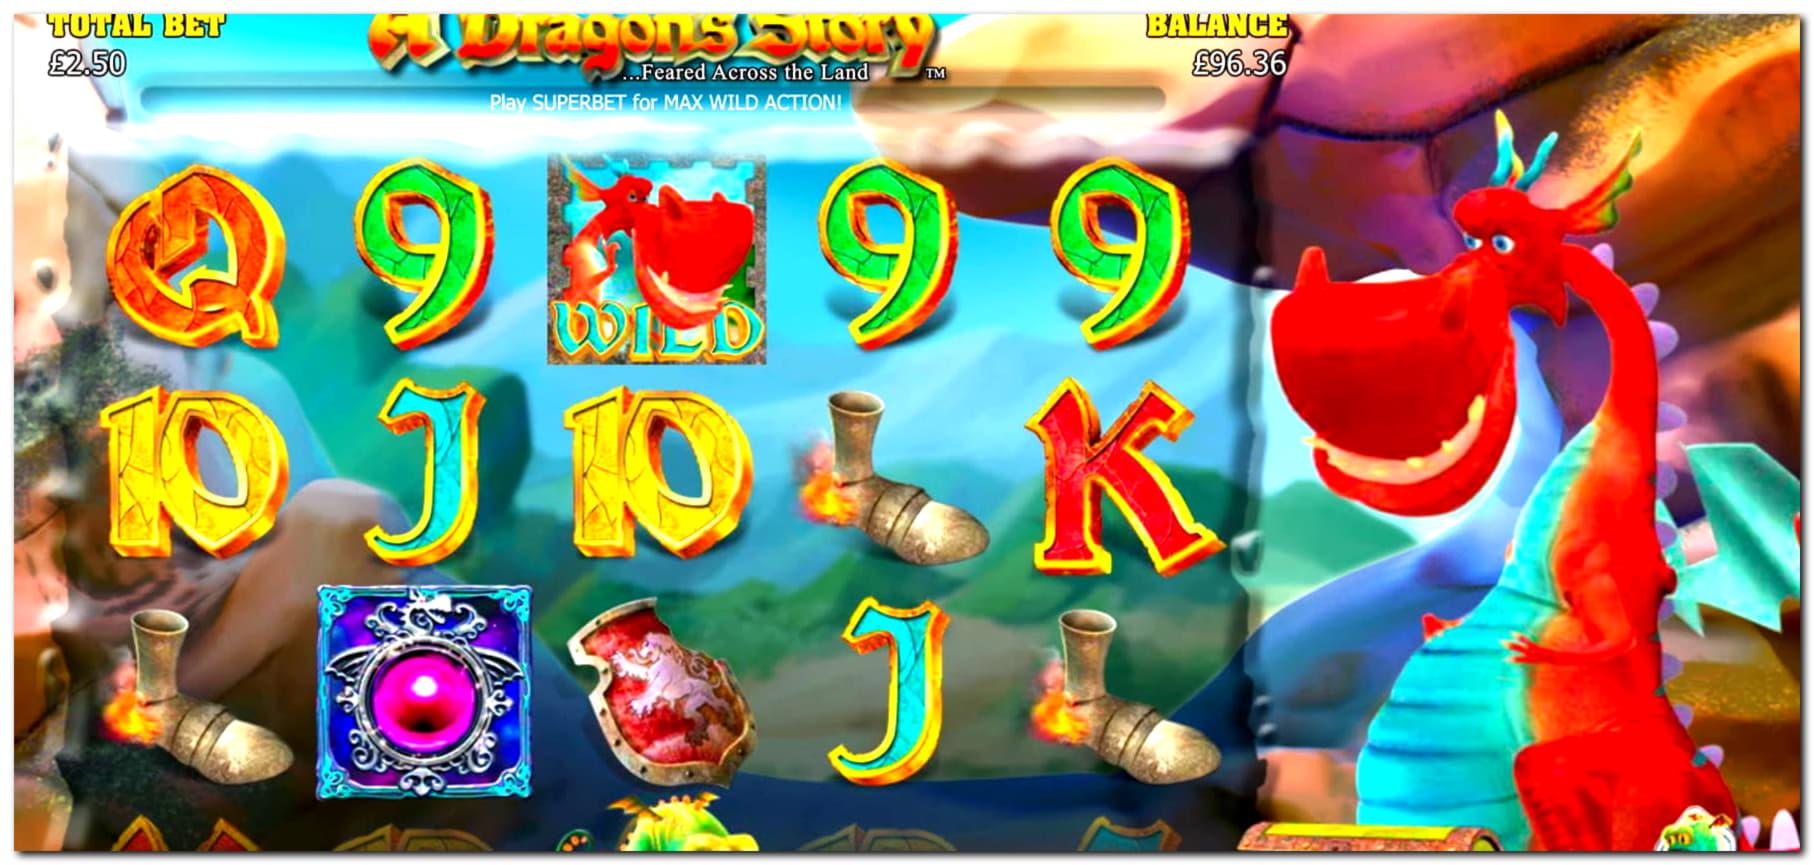 BGOカジノの$ 235無料カジノチップ